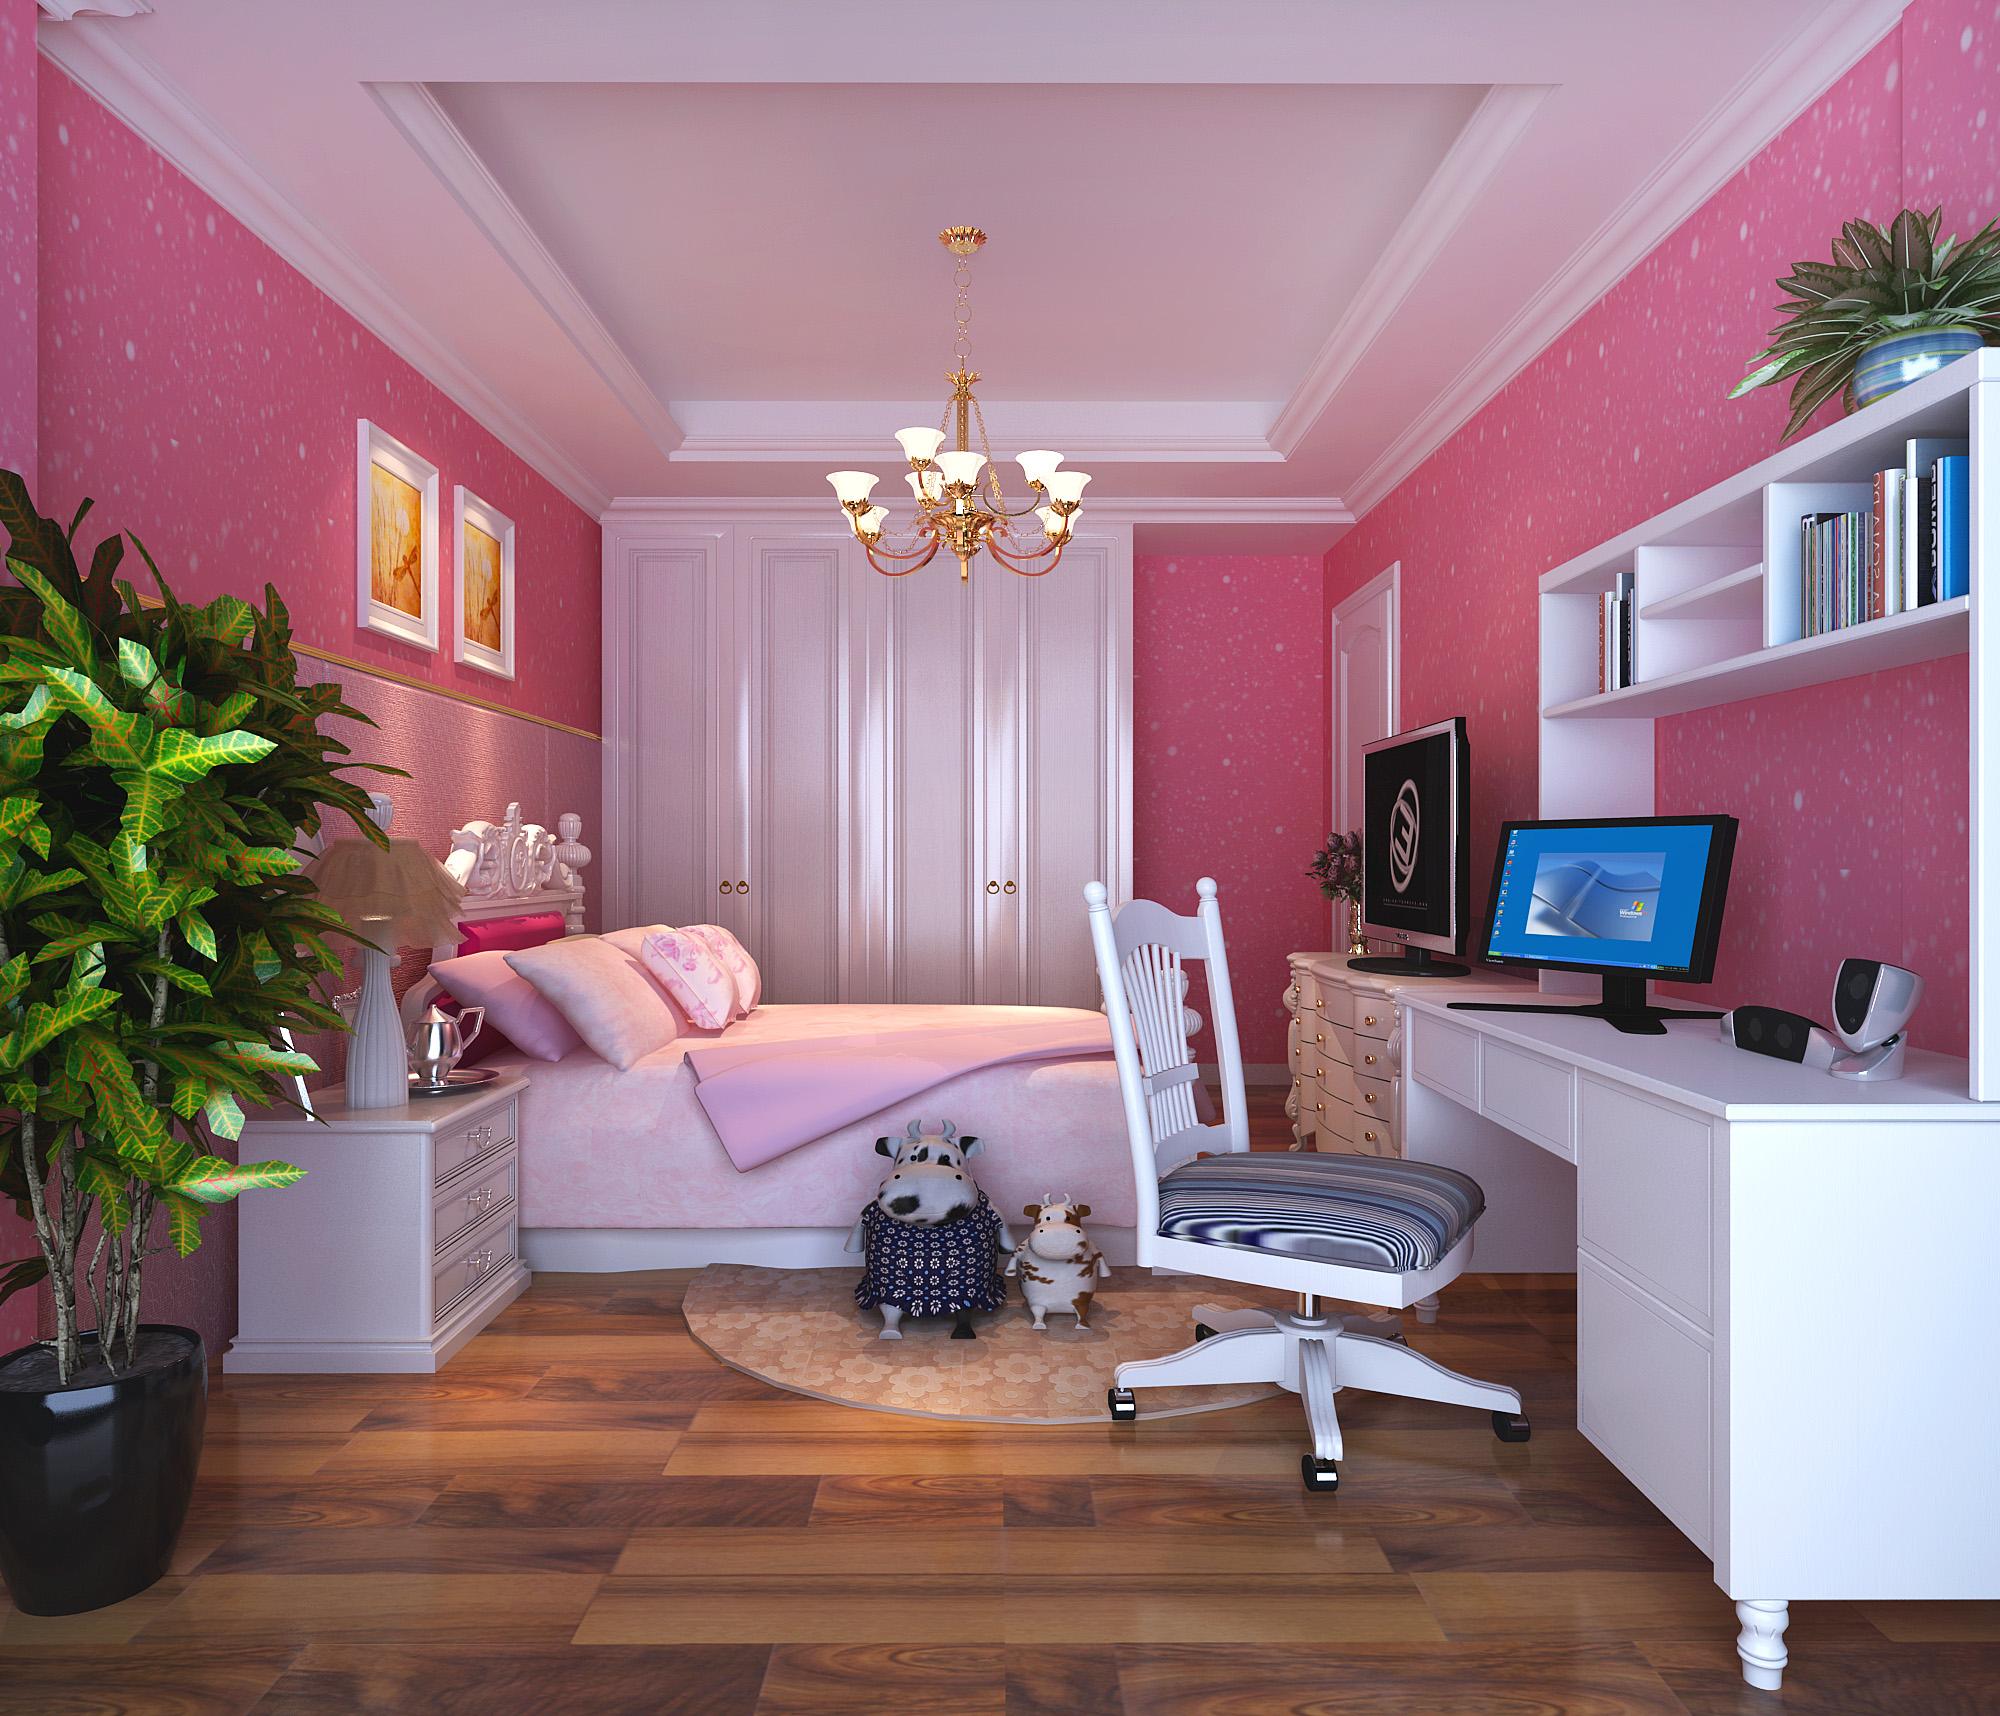 逸景湾装修效果图,室内设计效果图-齐家装修网